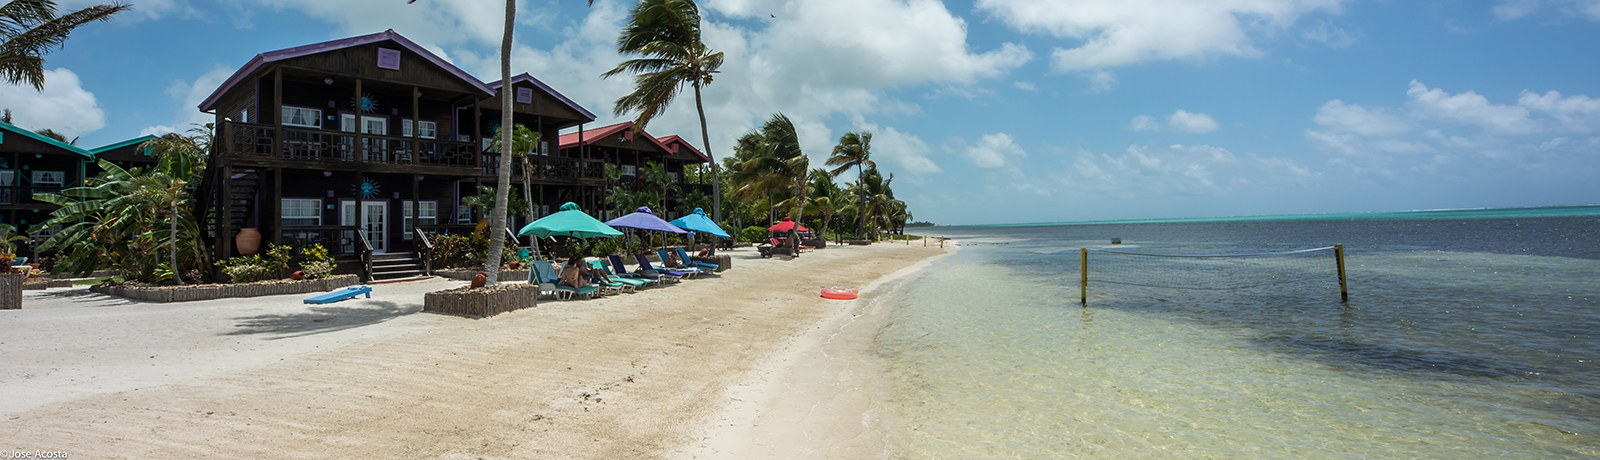 Xtan-Ha-Waterfront-Beach-front-Resort